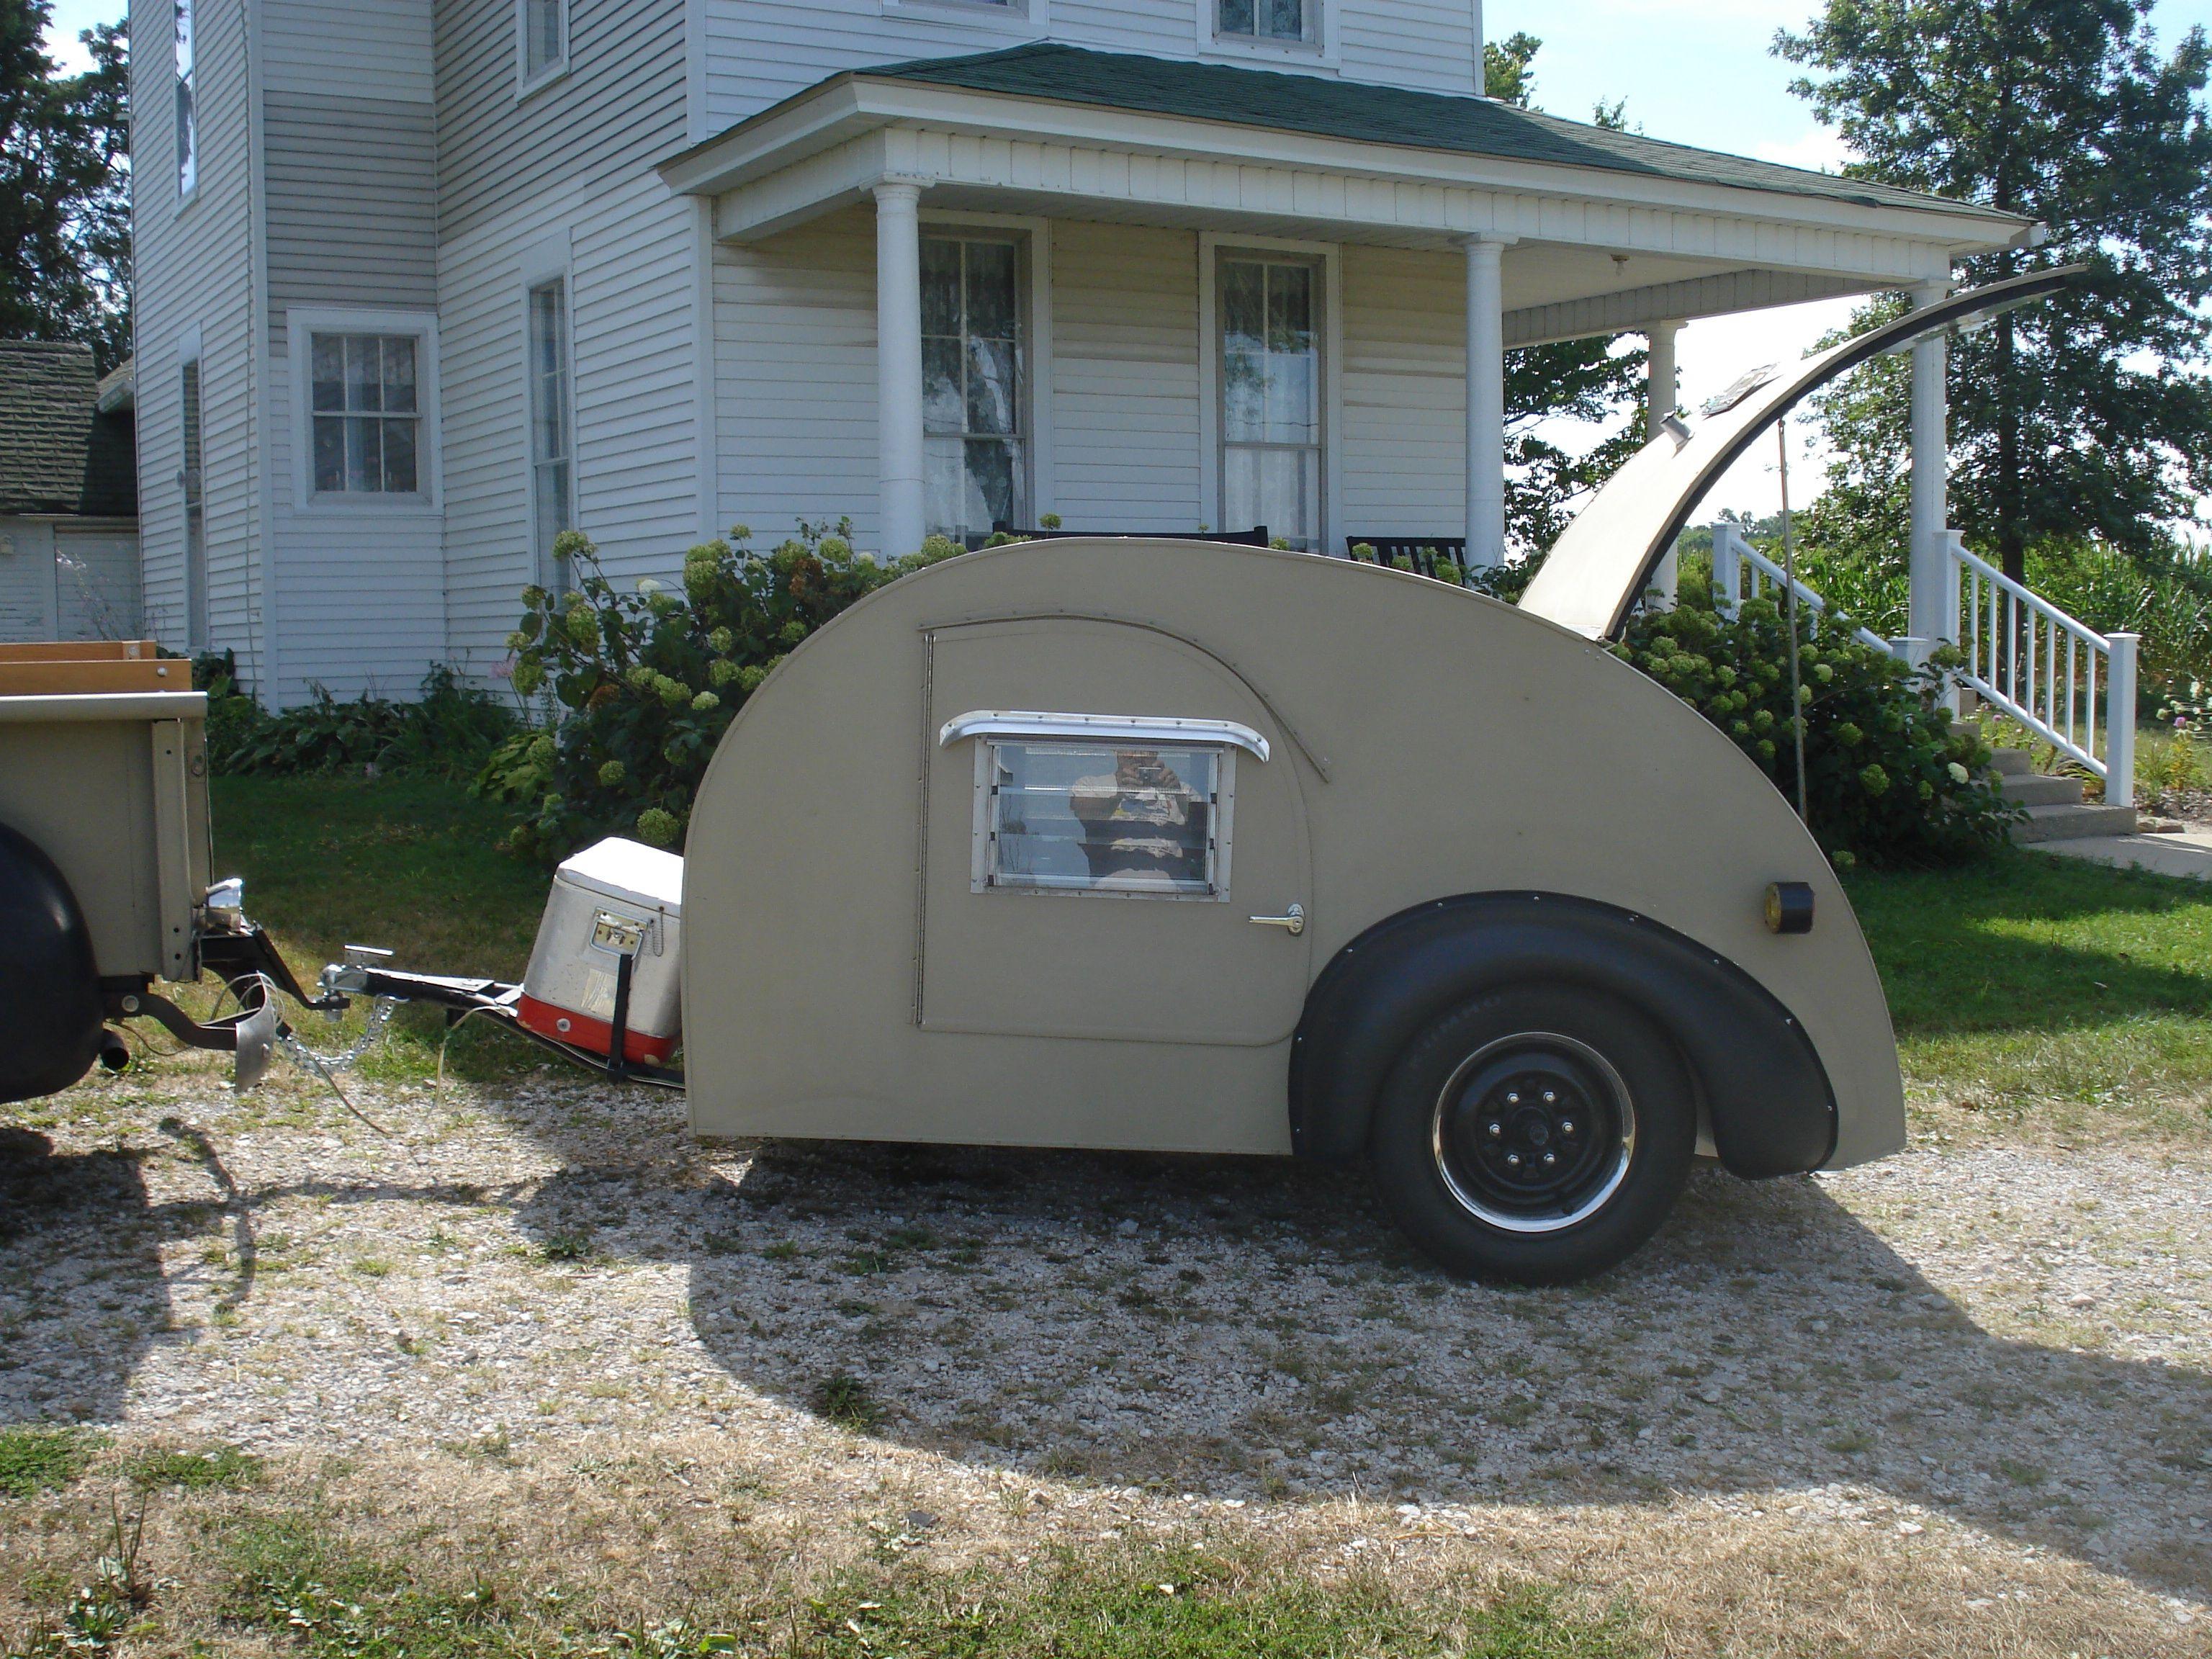 1947 Kit Mfg teardrop camper Vintage Campers Pinterest